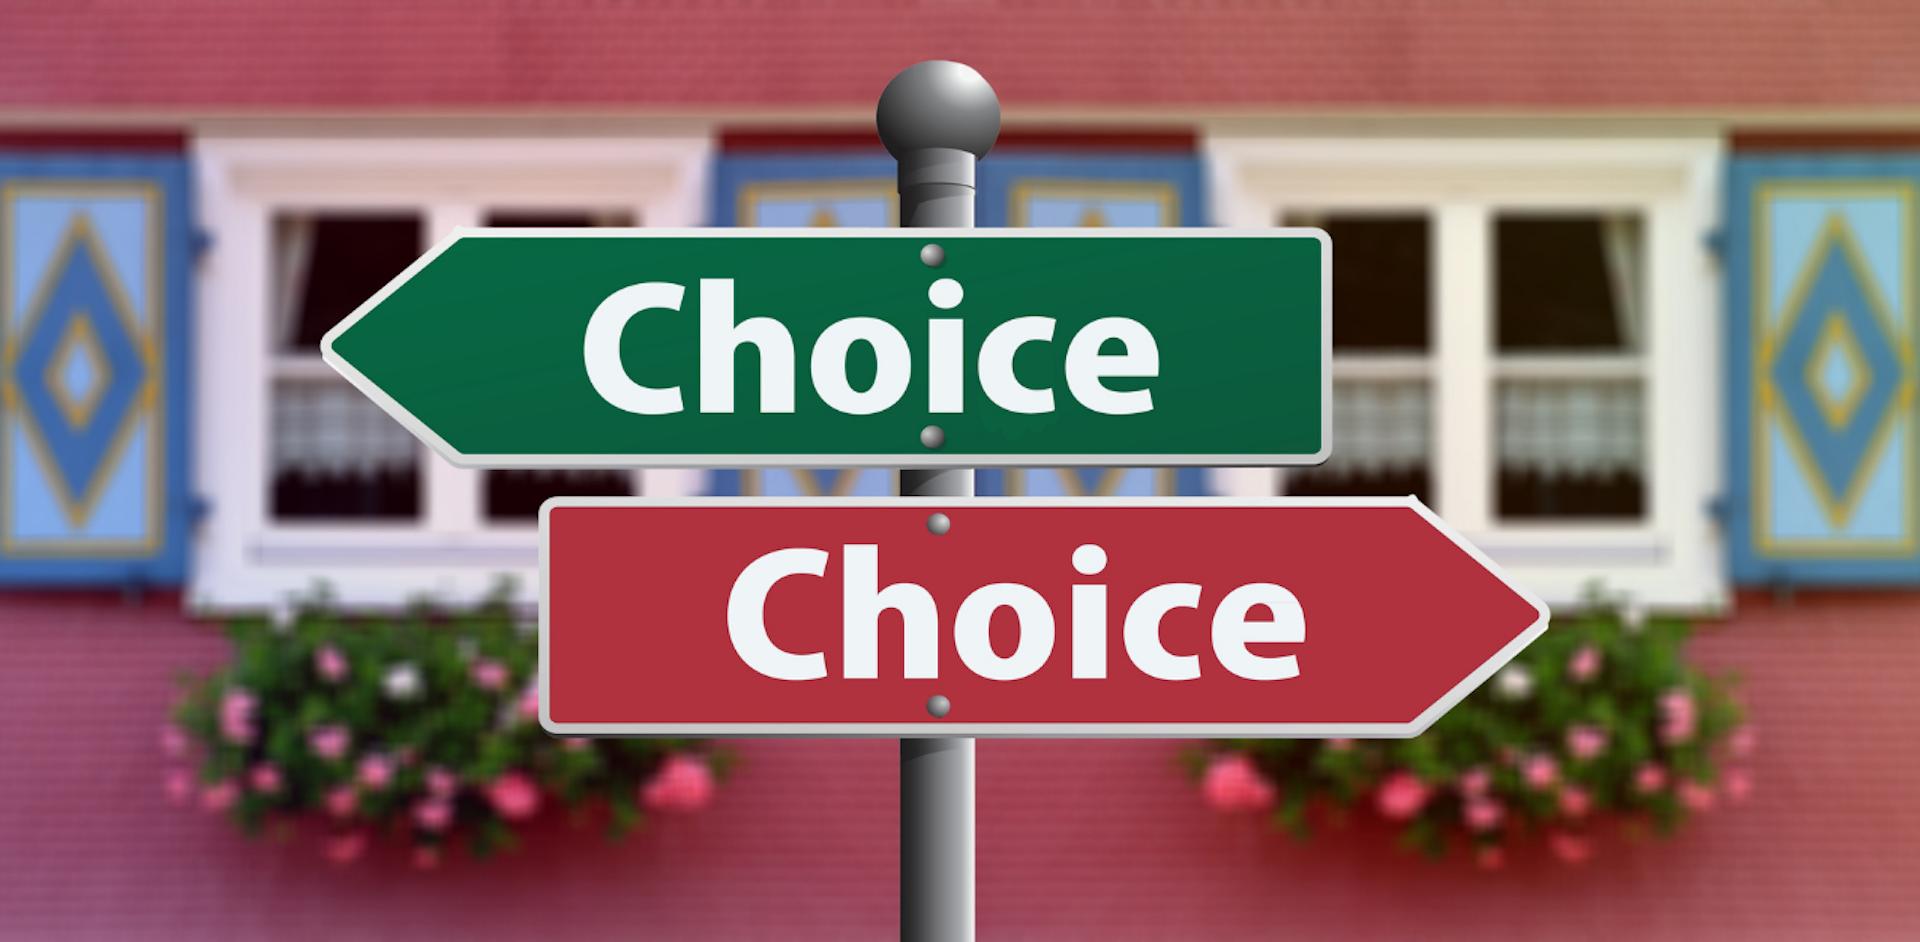 ¿Cómo tomar decisiones difíciles y sin arrepentimientos?